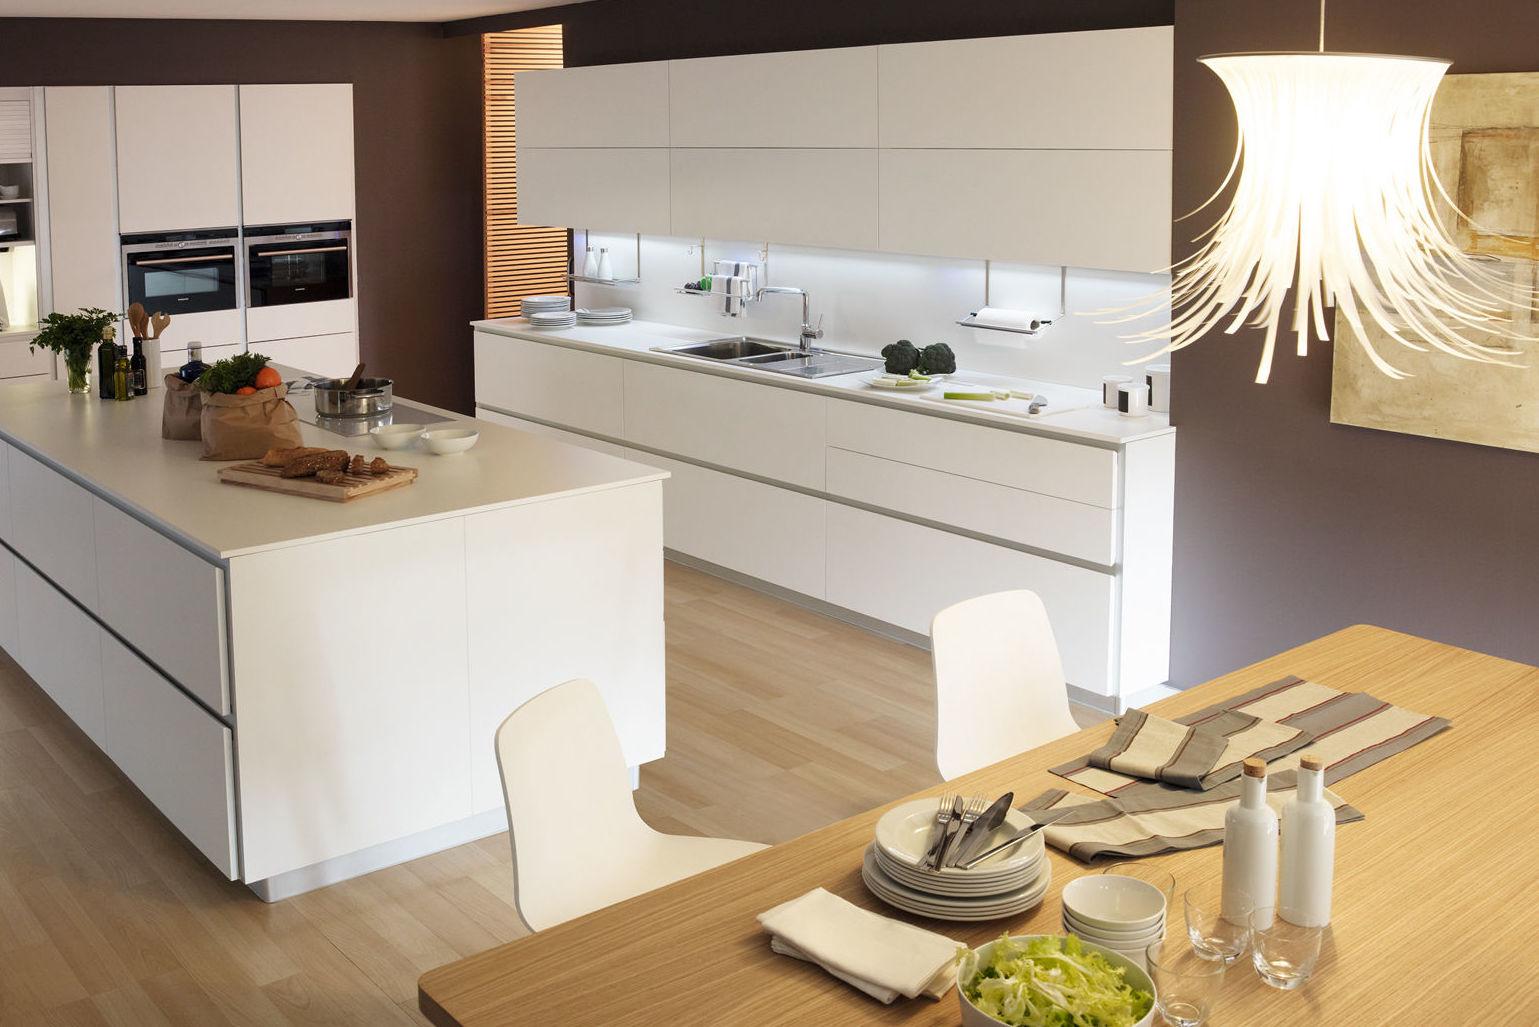 Foto 13 de Muebles de baño y cocina en Arganda | Cocin Nova, S.L.